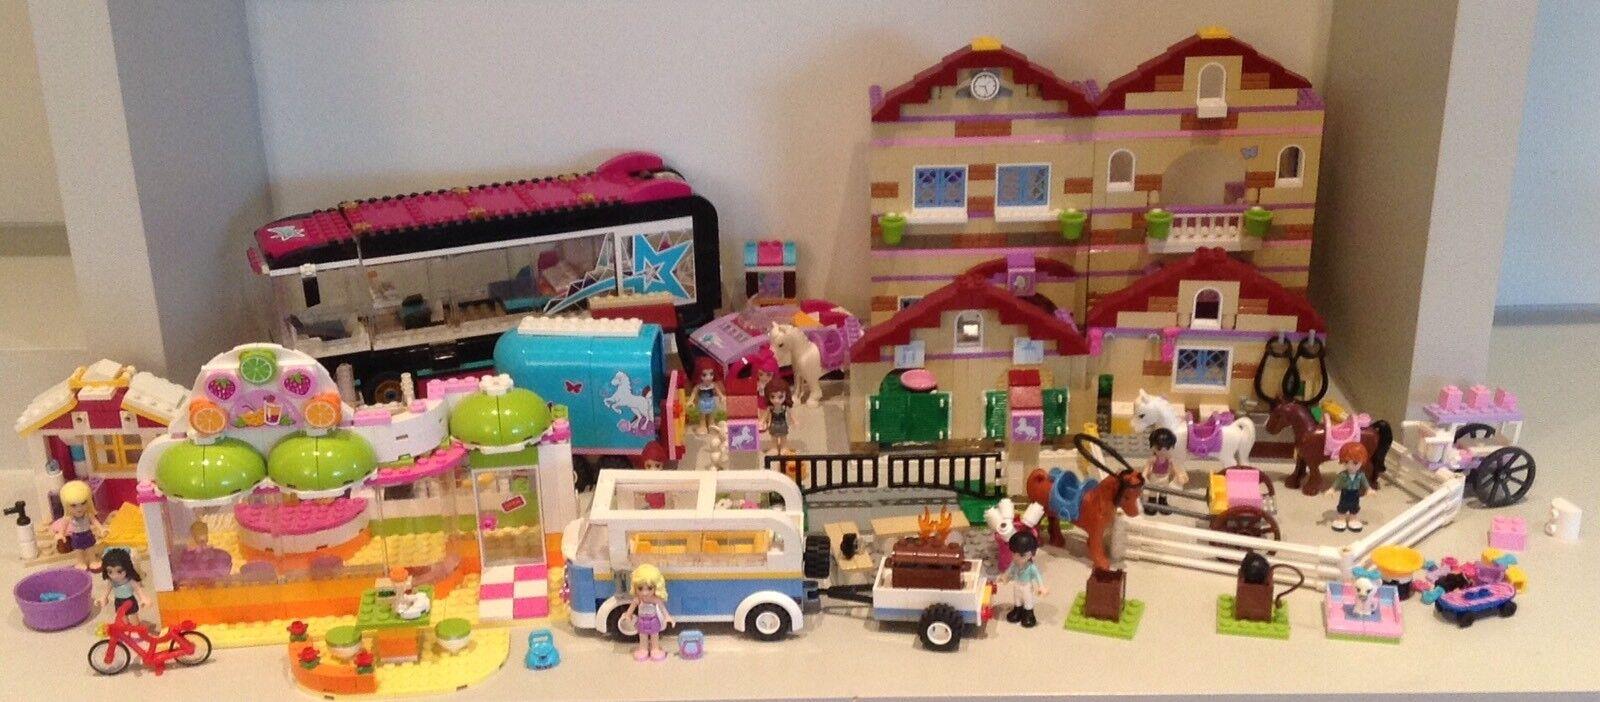 Gran Paquete De Lego Friends zumo de bus de estrella del pop Barra De Montar a Caballo Campo Remolque de caballos etc.